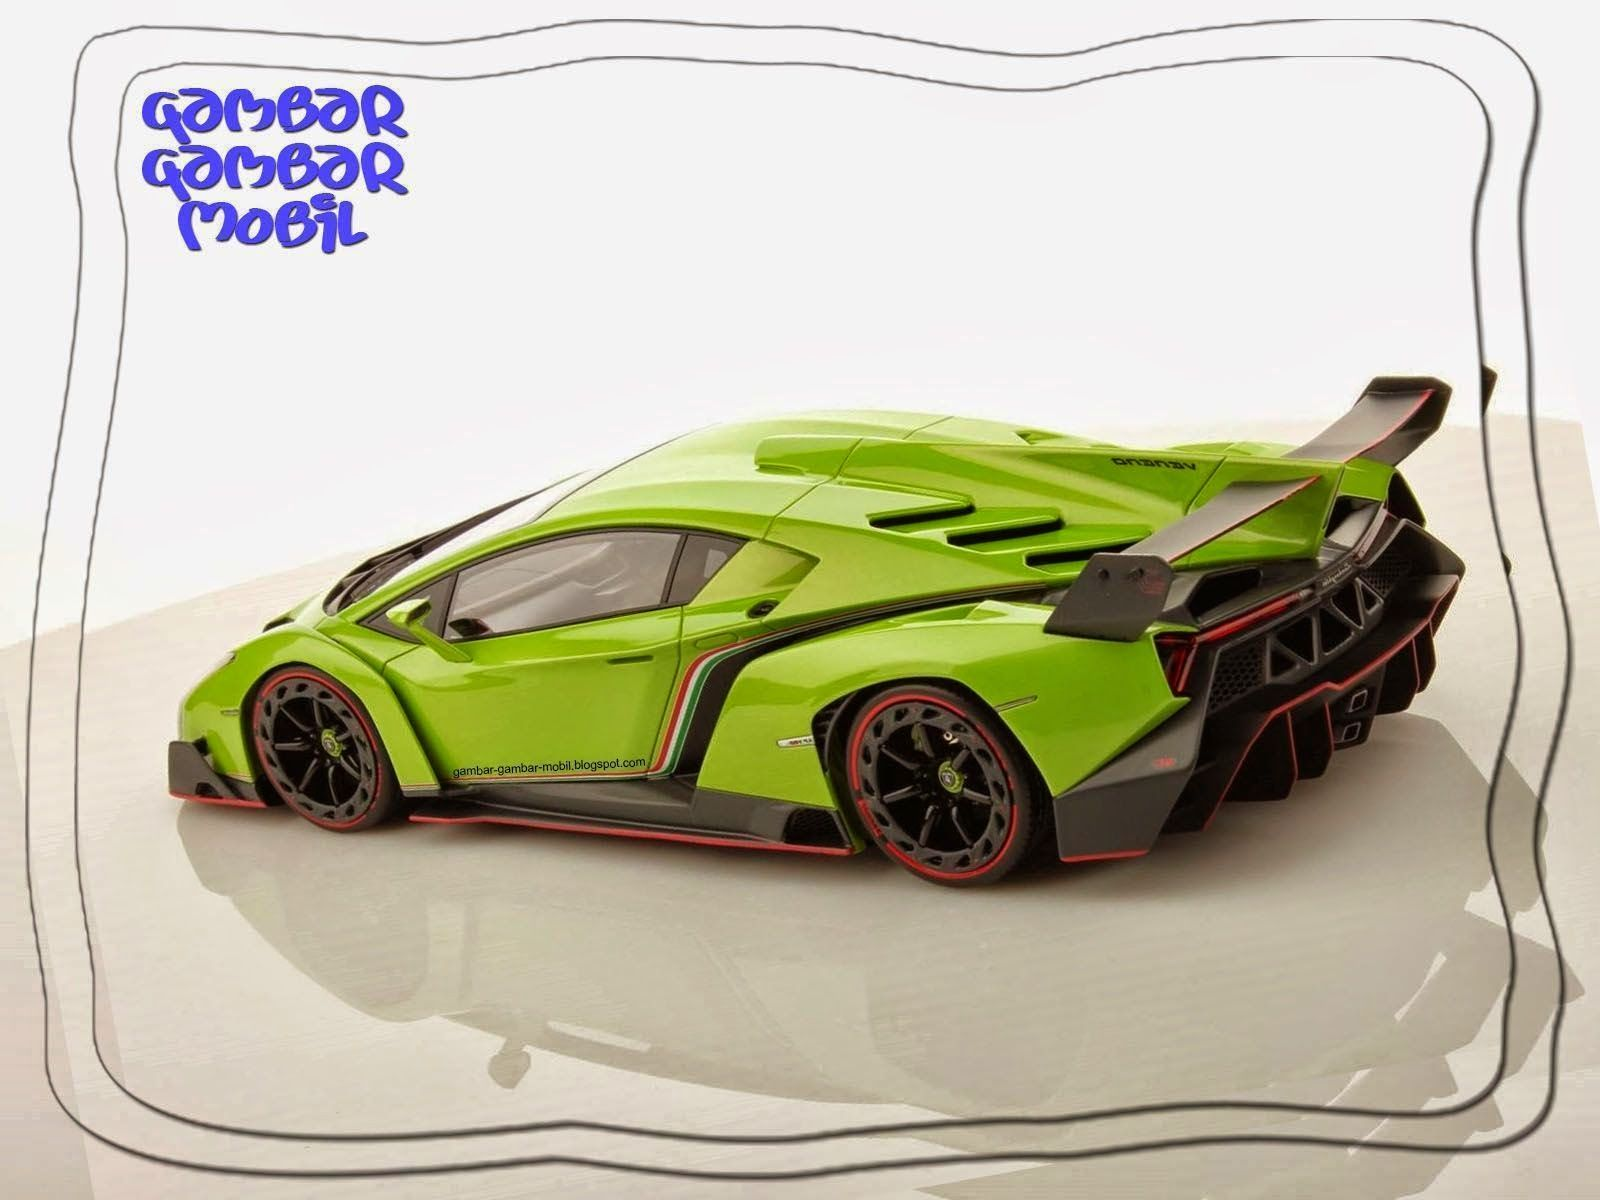 Gambar Mobil Balap Gambar Gambar Mobil Mobil Balap Pembalap Mobil